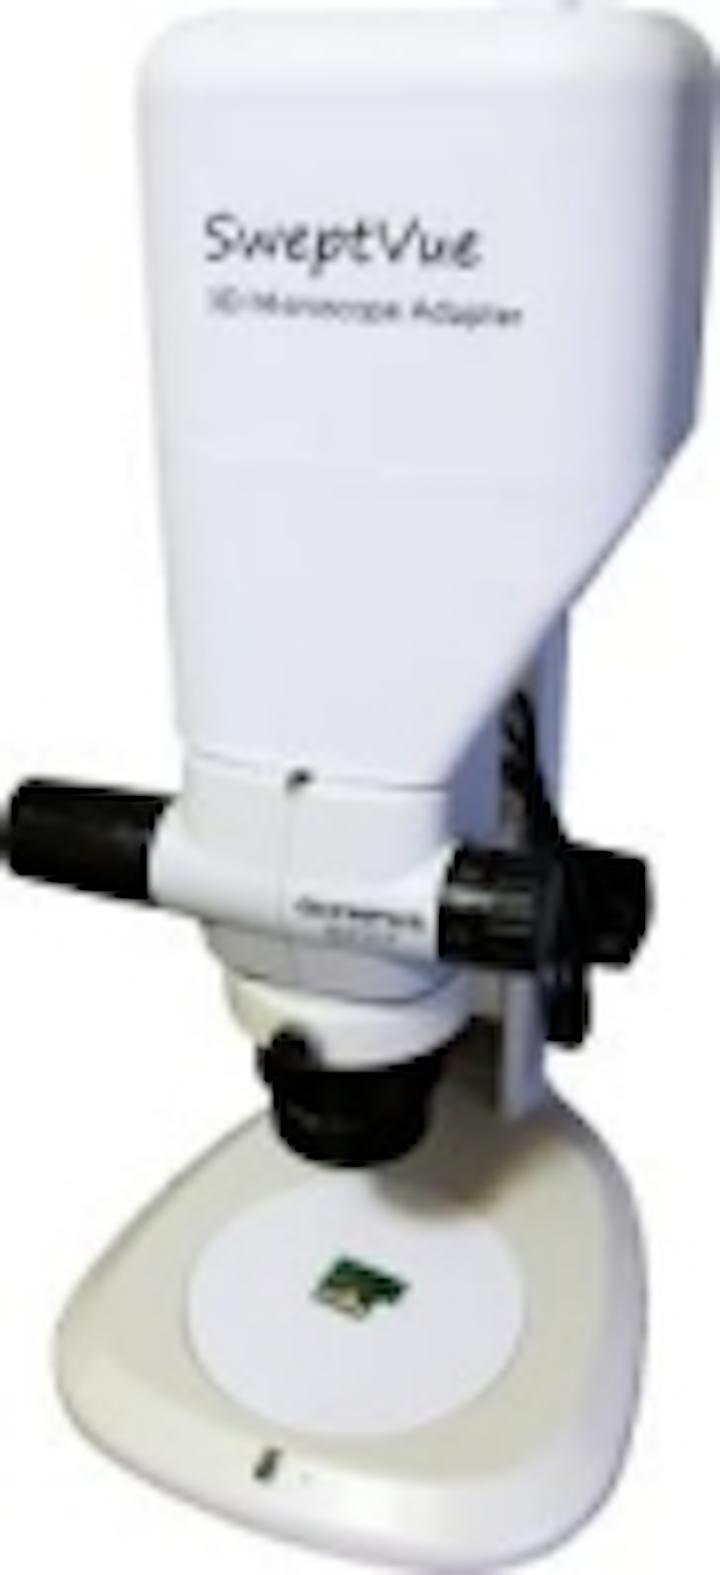 Content Dam Vsd En Articles 2015 06 Page 2 3d Confocal Microscope Enables Precision Measurement Of 3d Printed Parts Leftcolumn Article Thumbnailimage File